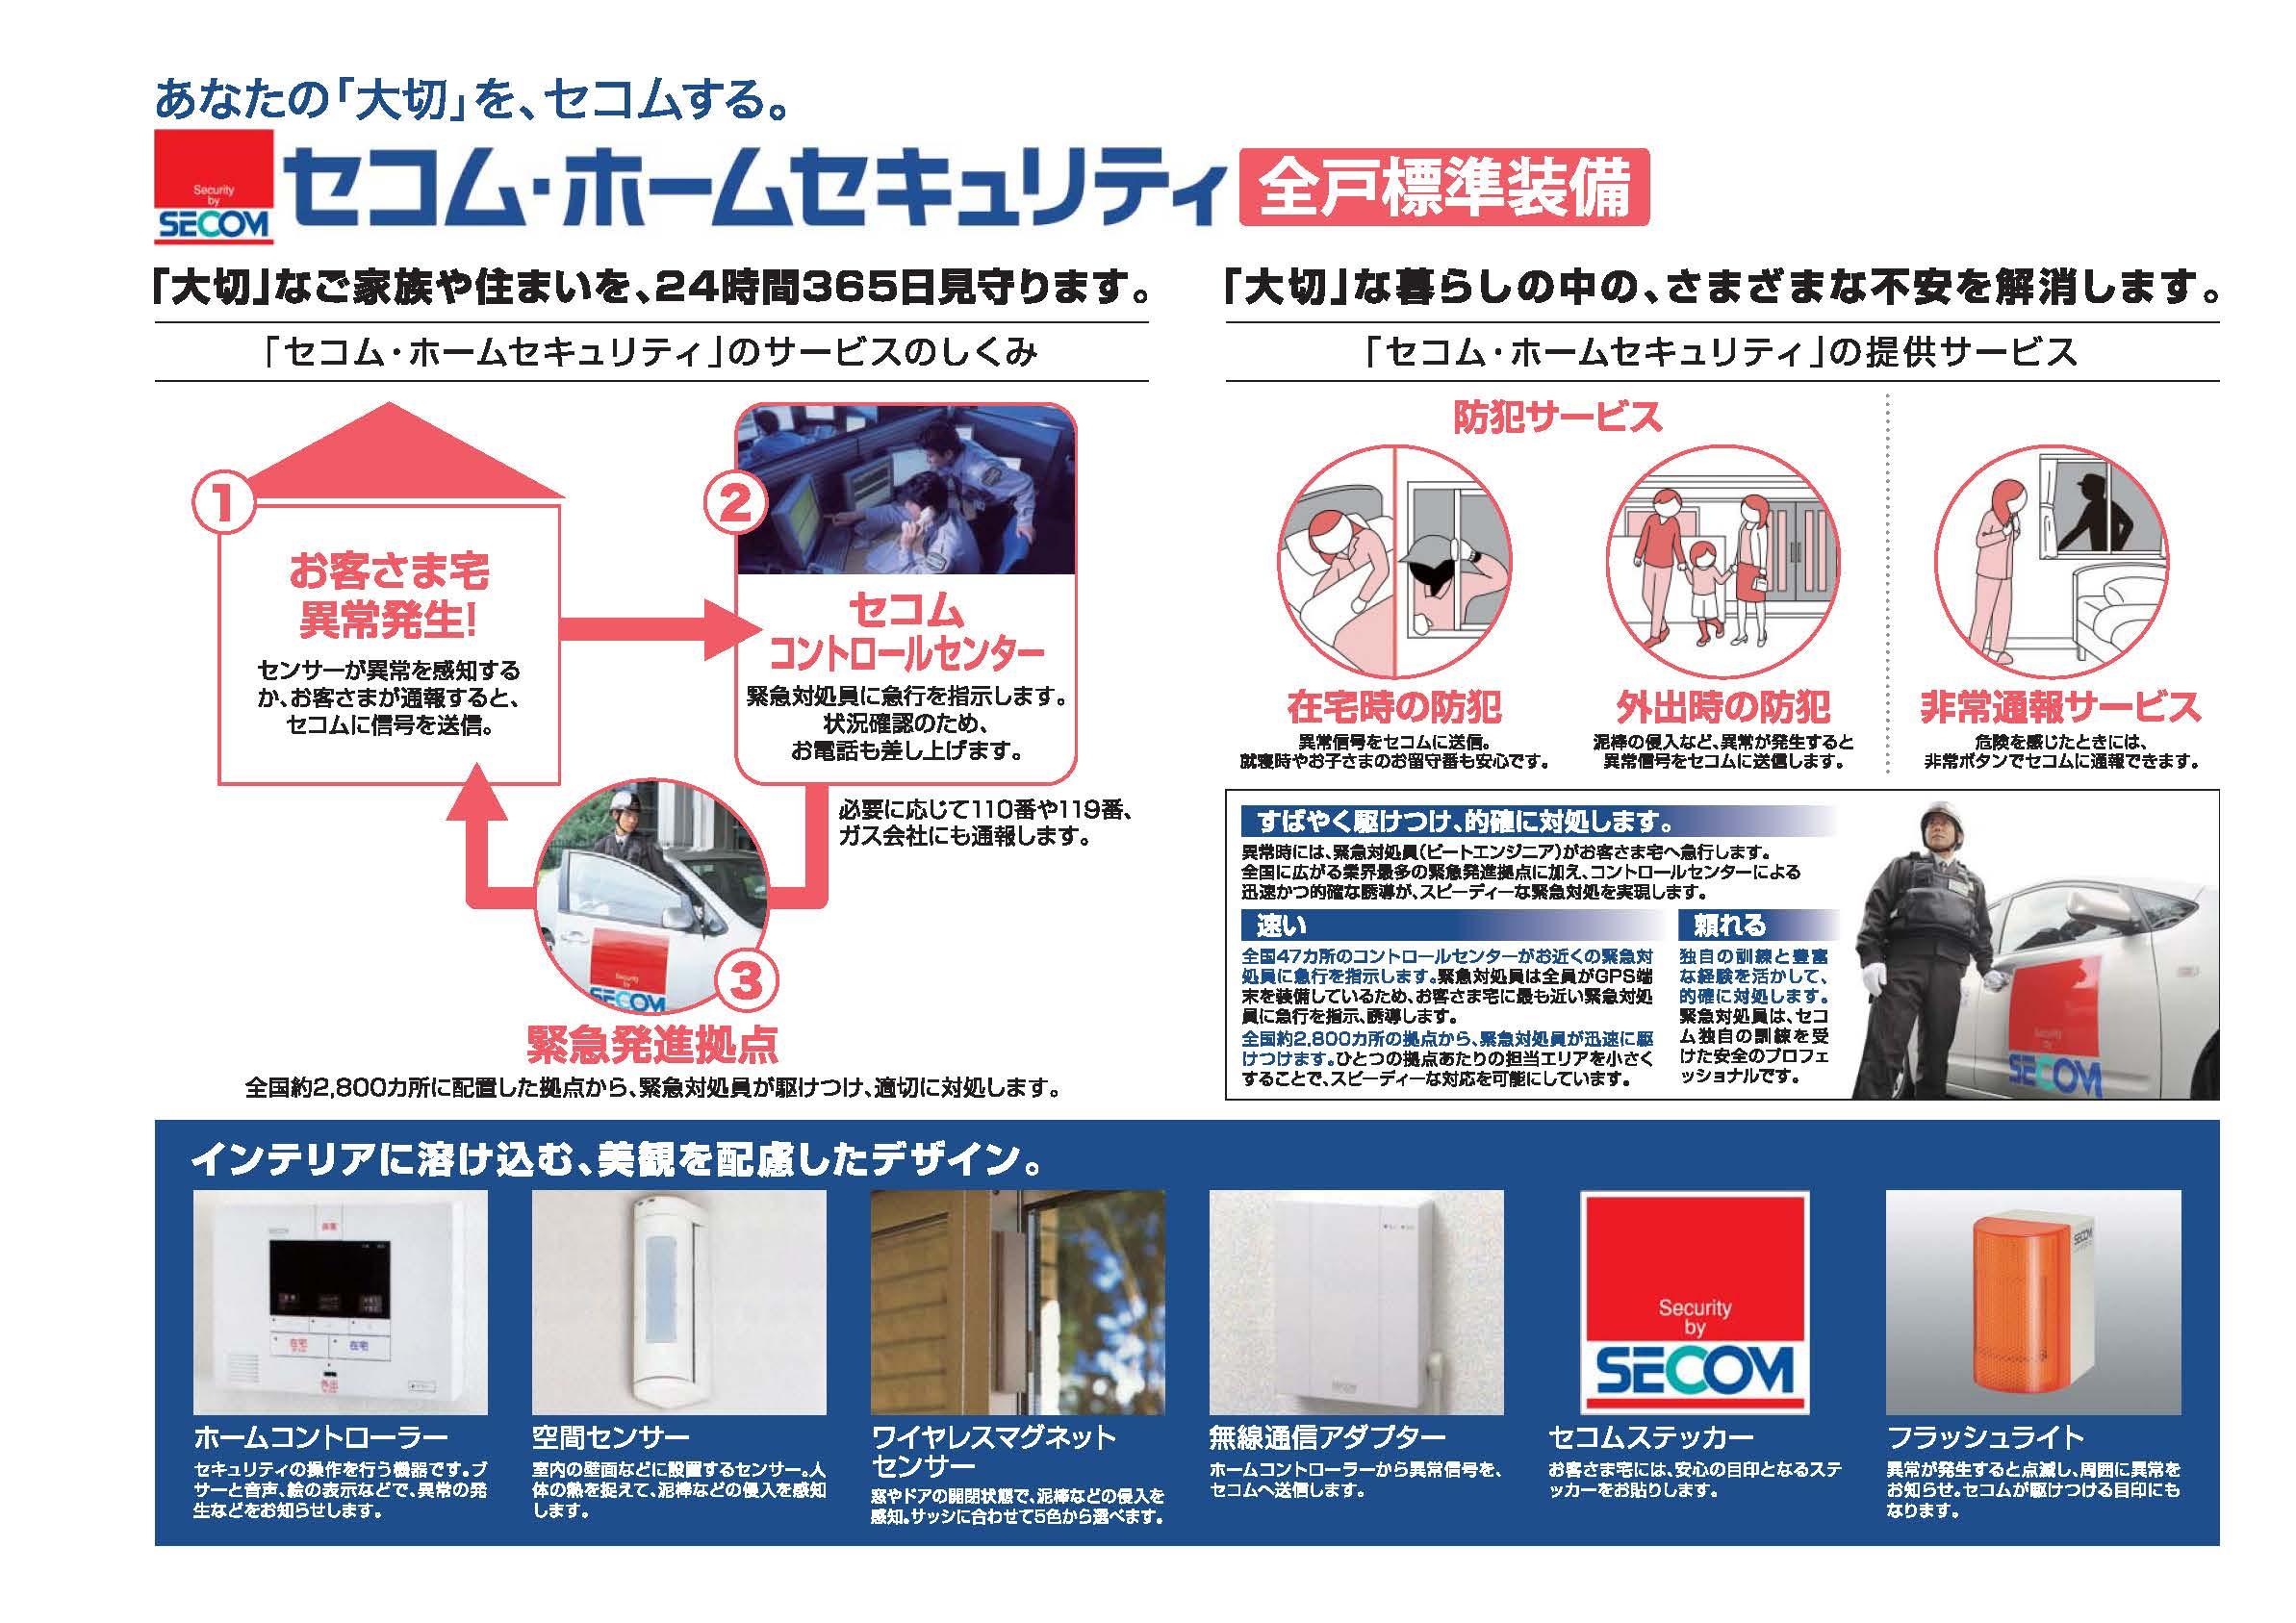 セコム・ホームセキュリティ 全戸標準装備